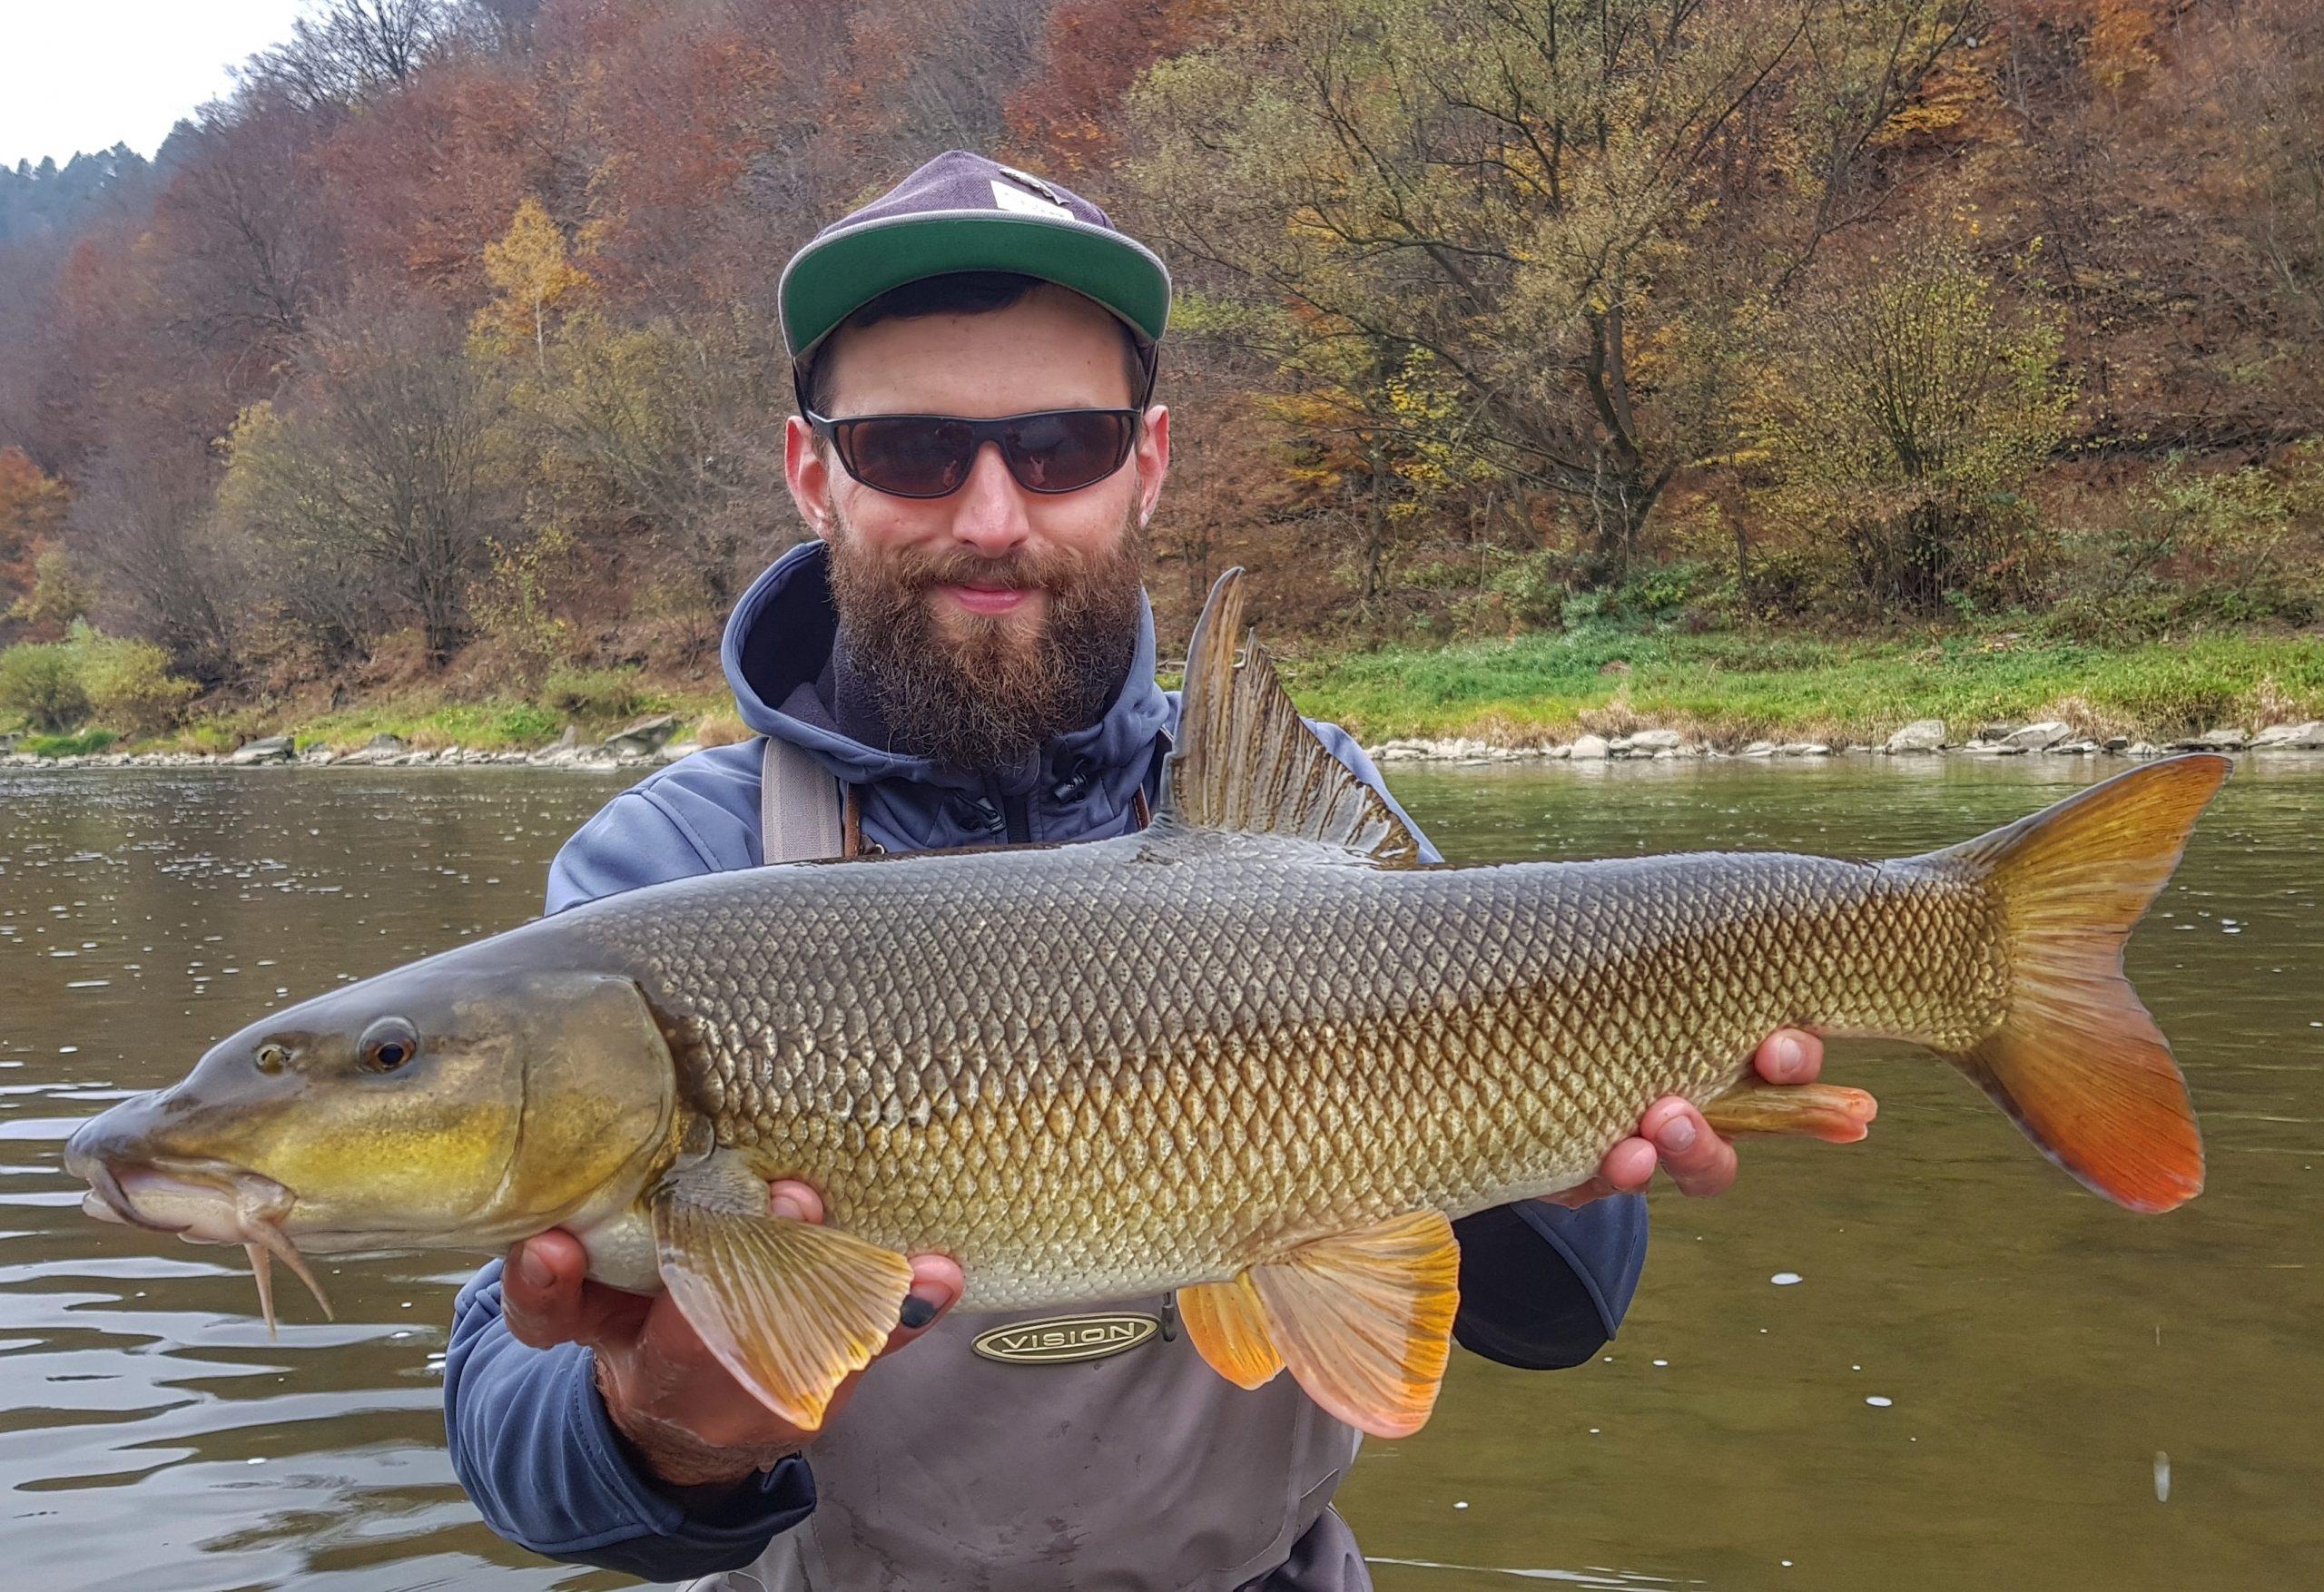 Mountain rivers in Europe - no kill fishing